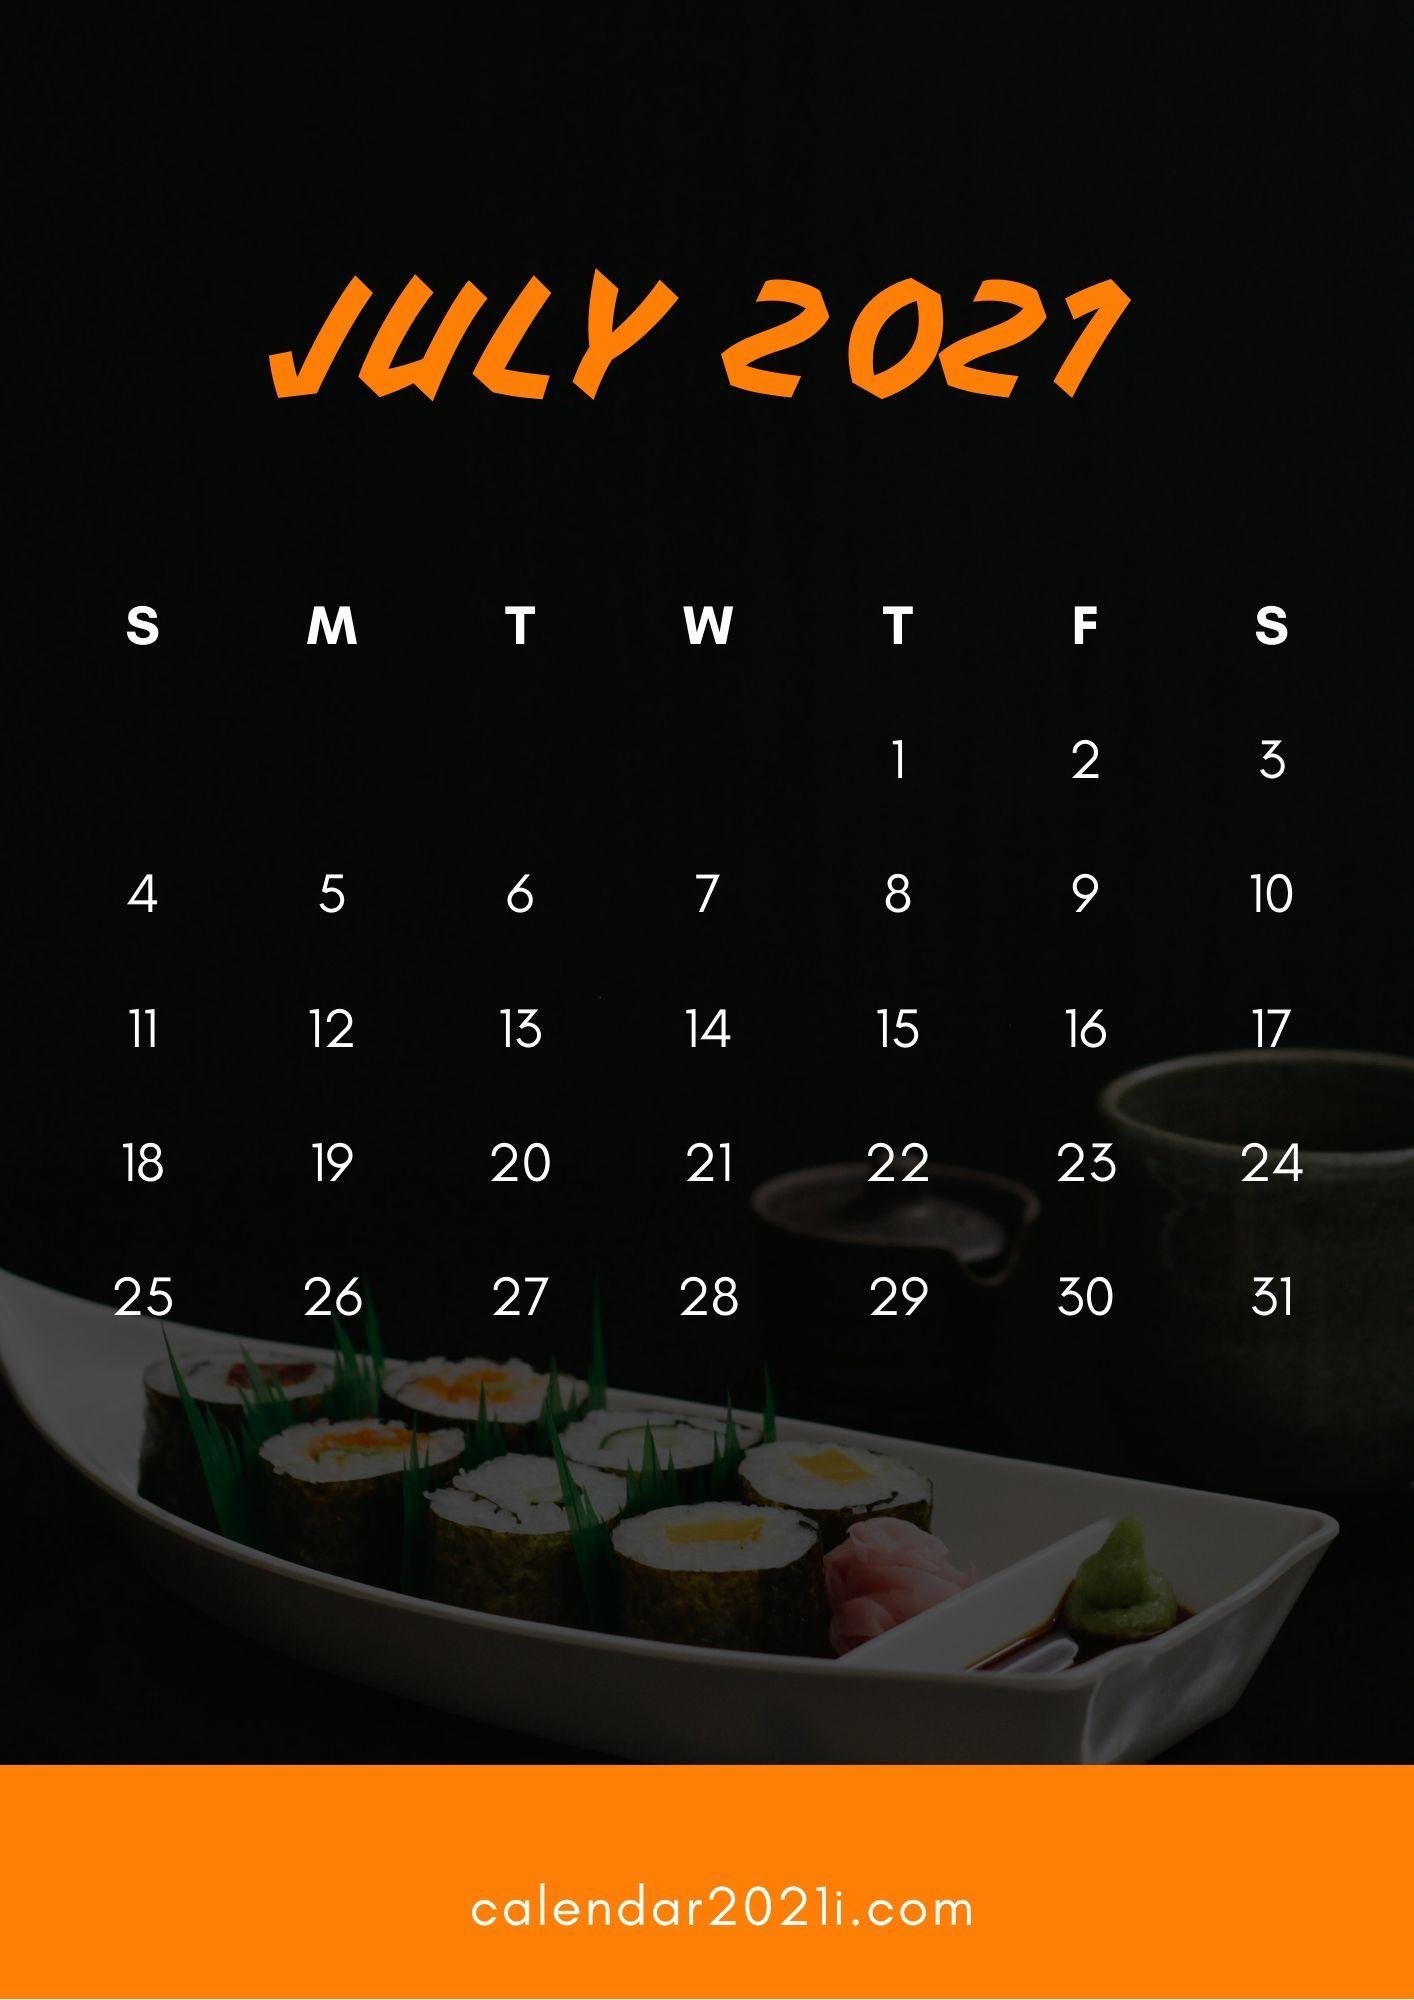 July 2021 Wallpaper Calendar July 2021 Calendar HD Wallpaper for iPhone background | Calendar